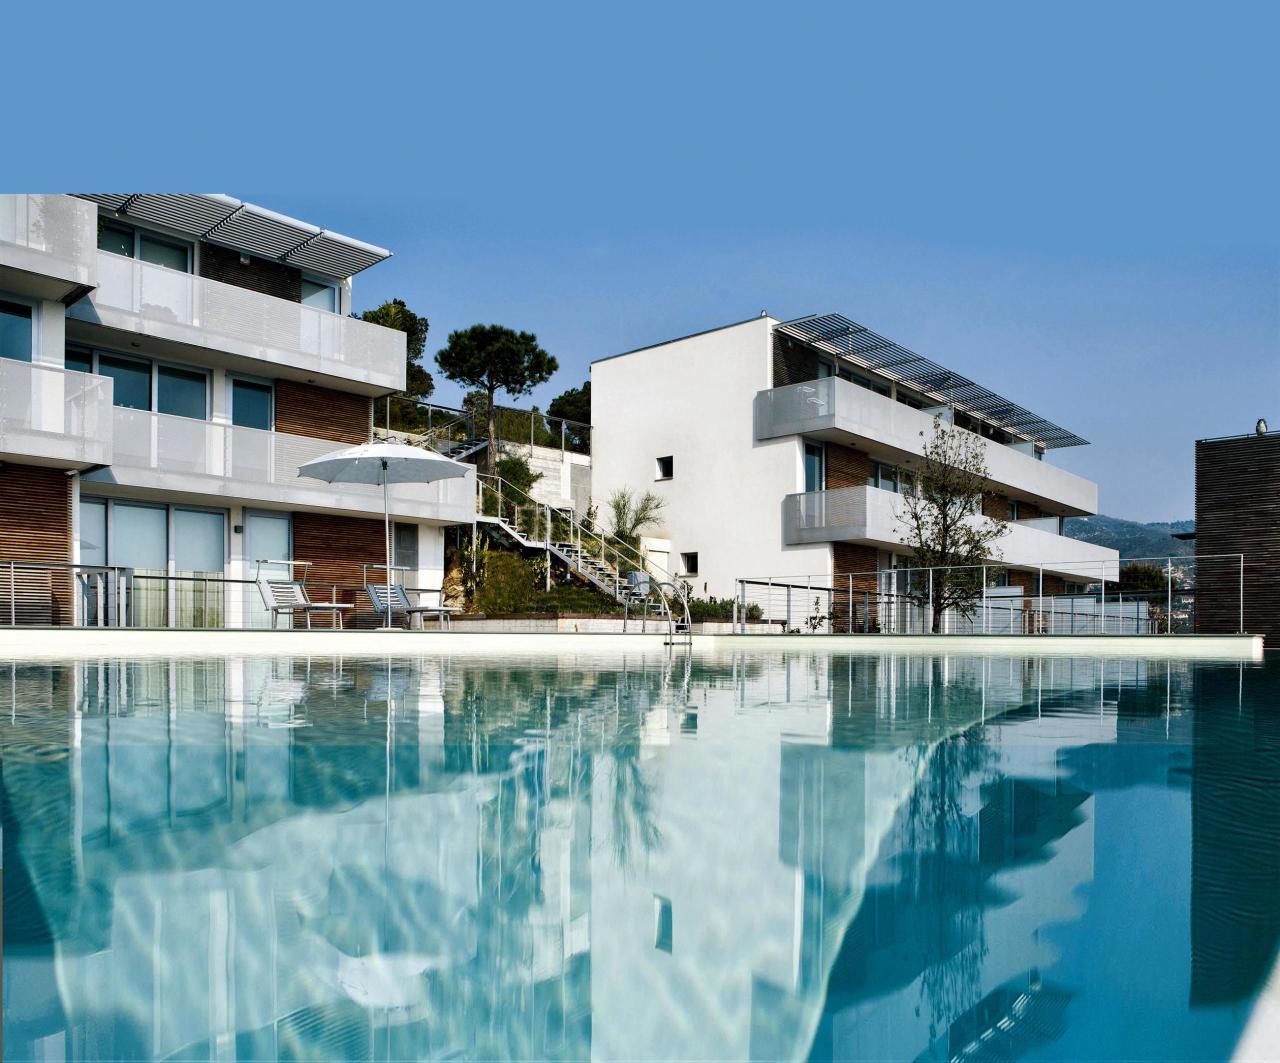 Appartamento in vendita a Spotorno, 3 locali, prezzo € 515.000 | PortaleAgenzieImmobiliari.it